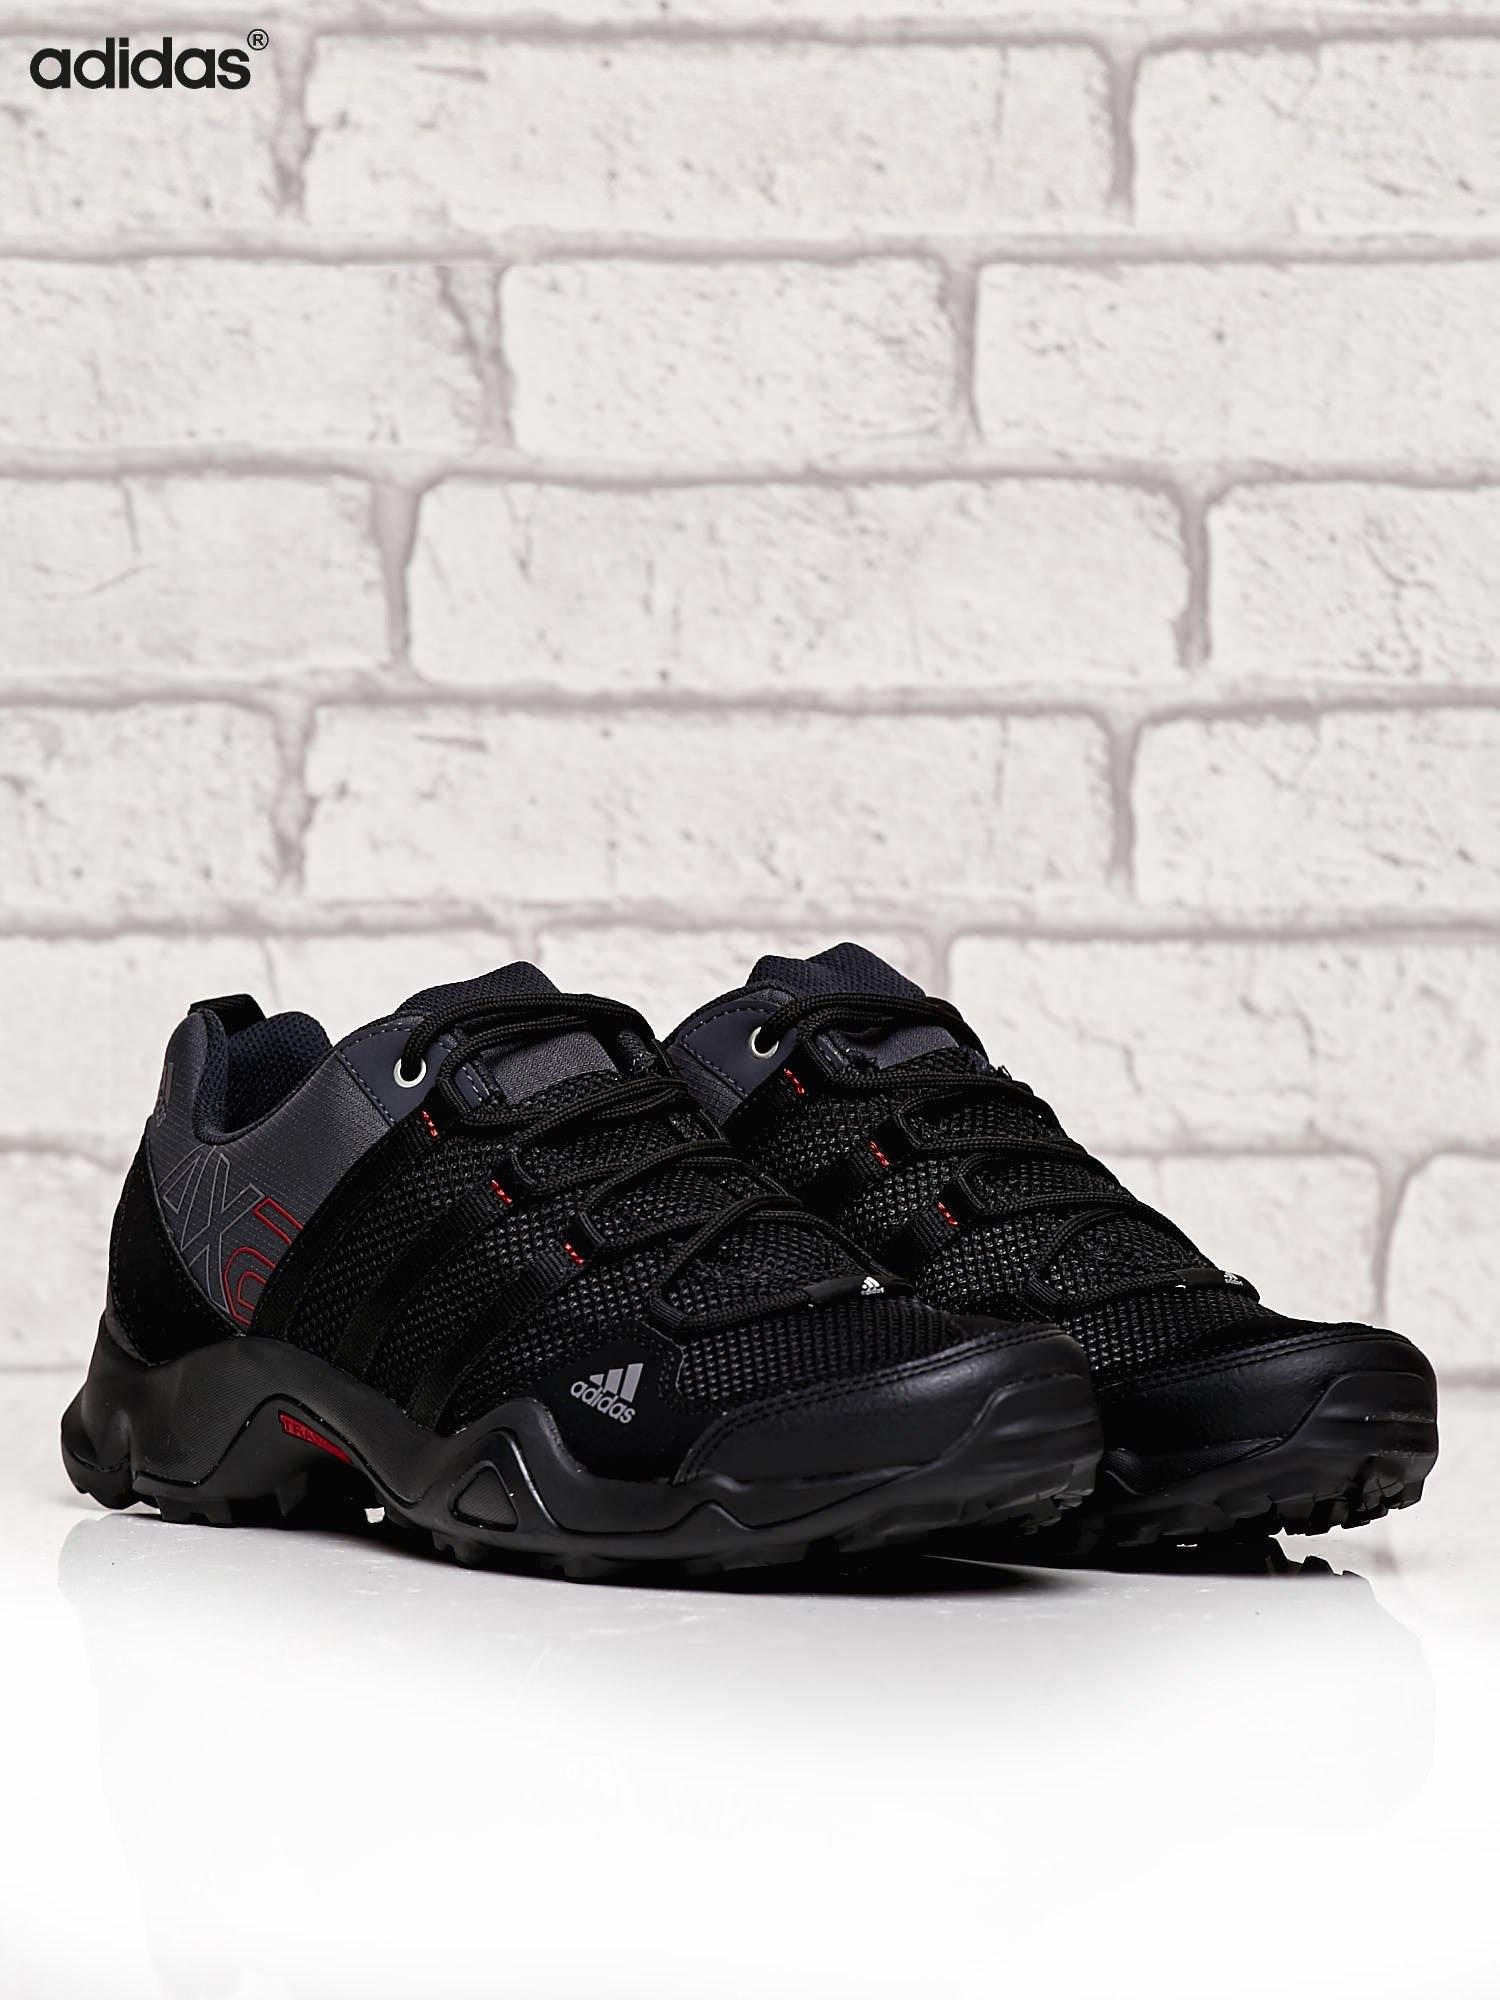 Sportowe Męskie Buty Mężczyźni Czarne Ax Do 2 Biegów Adidas